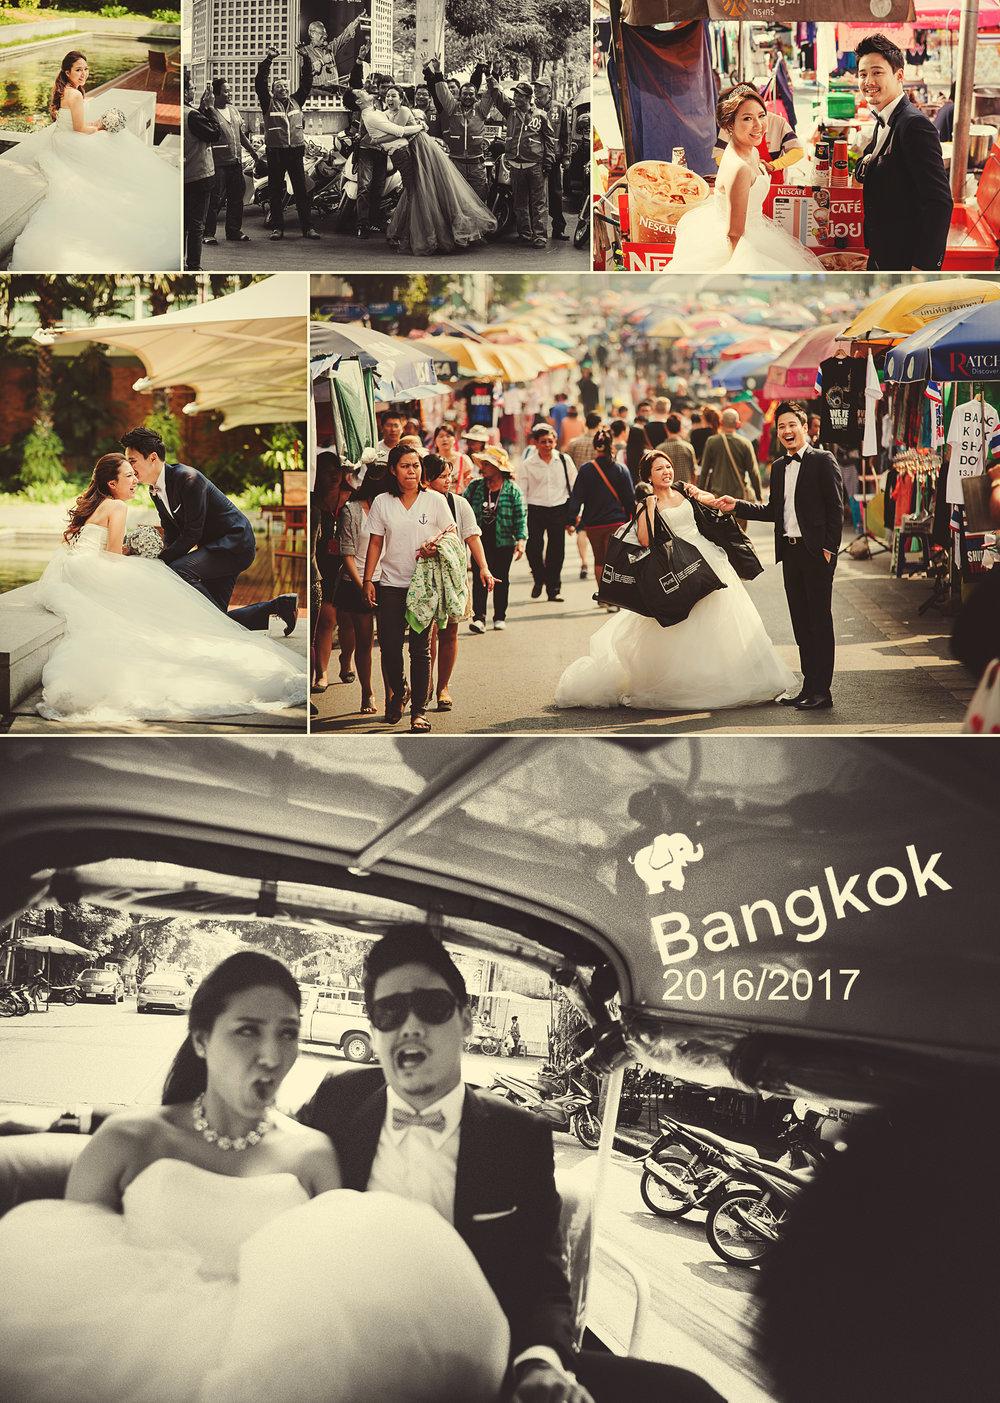 2016 / 2017 瘋曼谷婚紗跨年團已開!還可加入一組新人!!( 一起瘋鬧曼谷市區或壯麗的大城唄 )